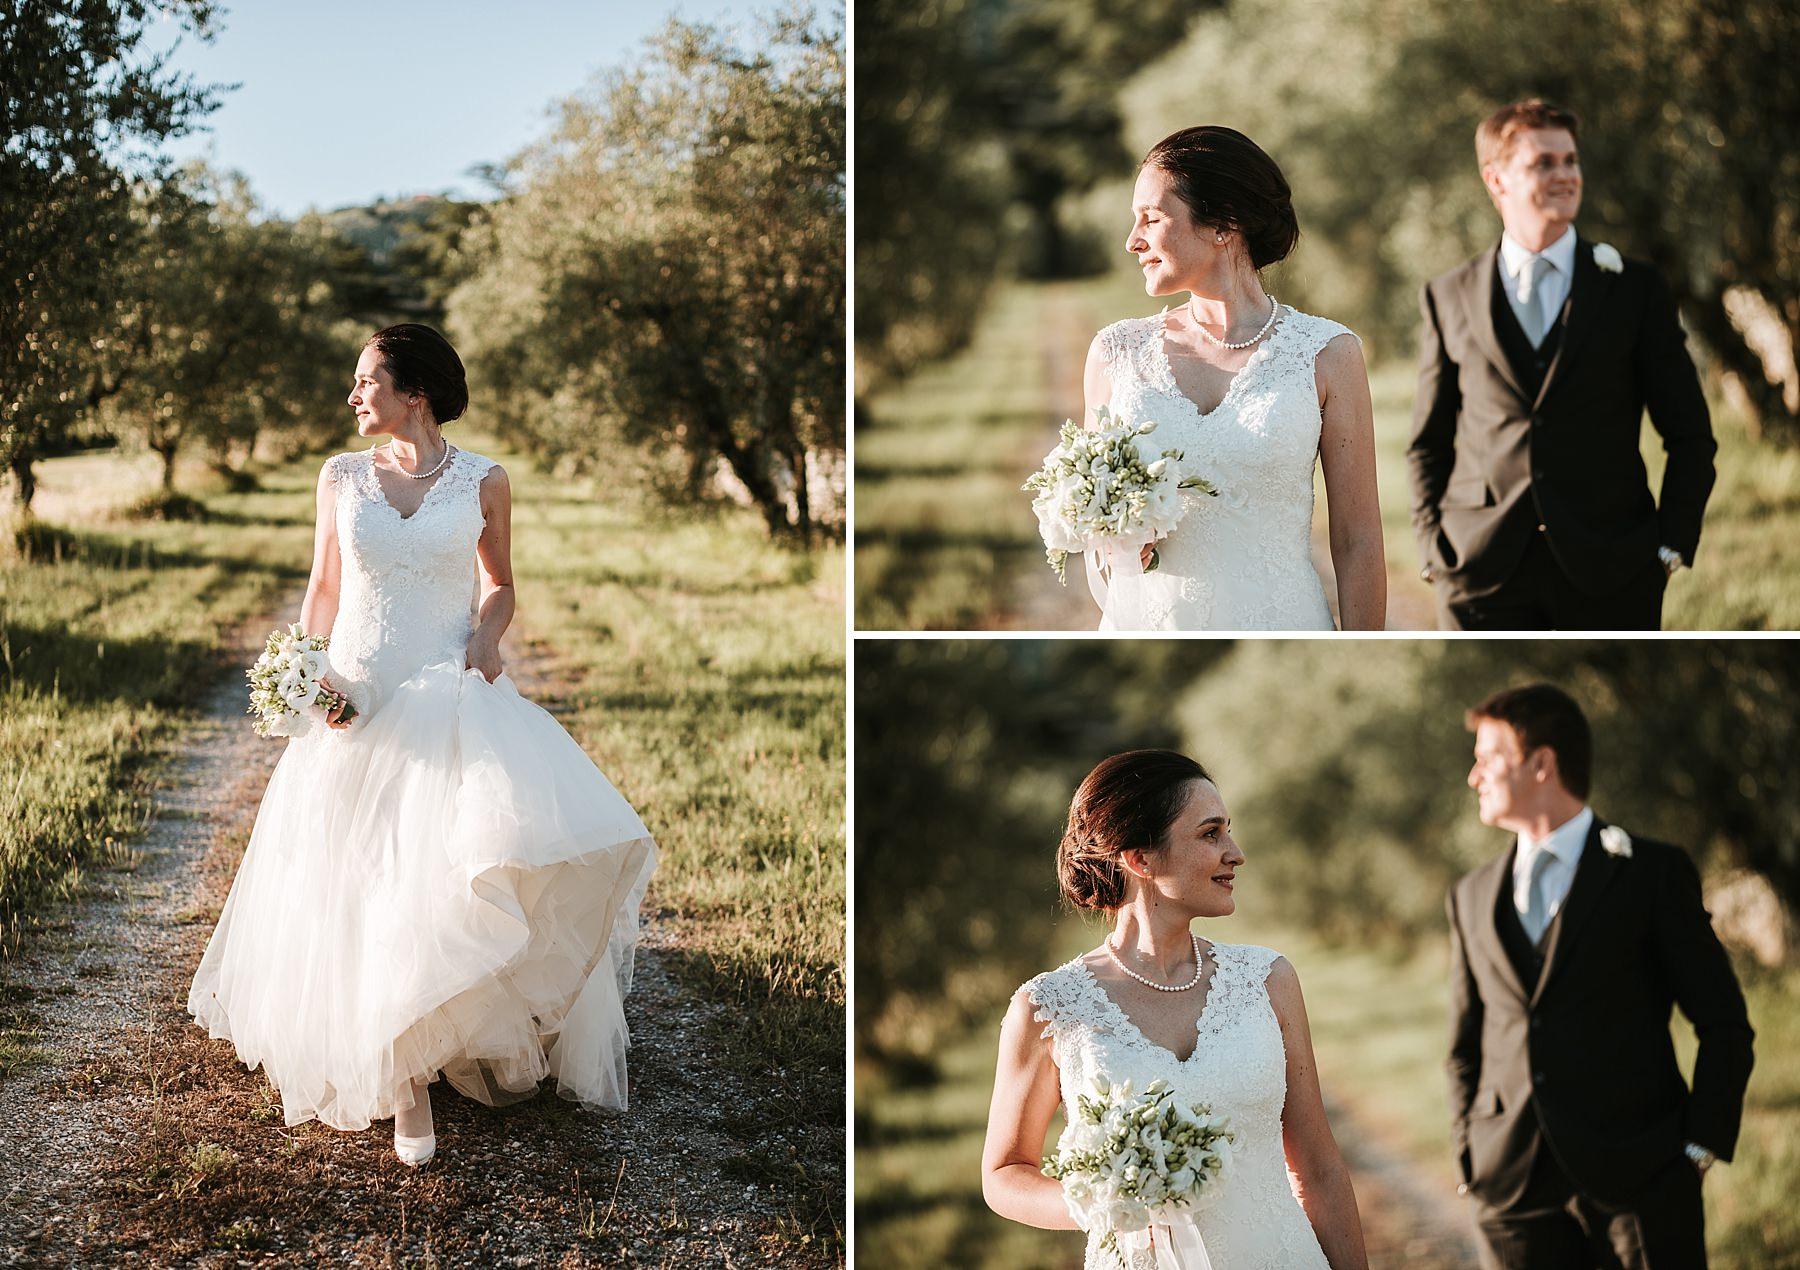 Sposo e Sposa durante le foto di matrimonio Pistoia